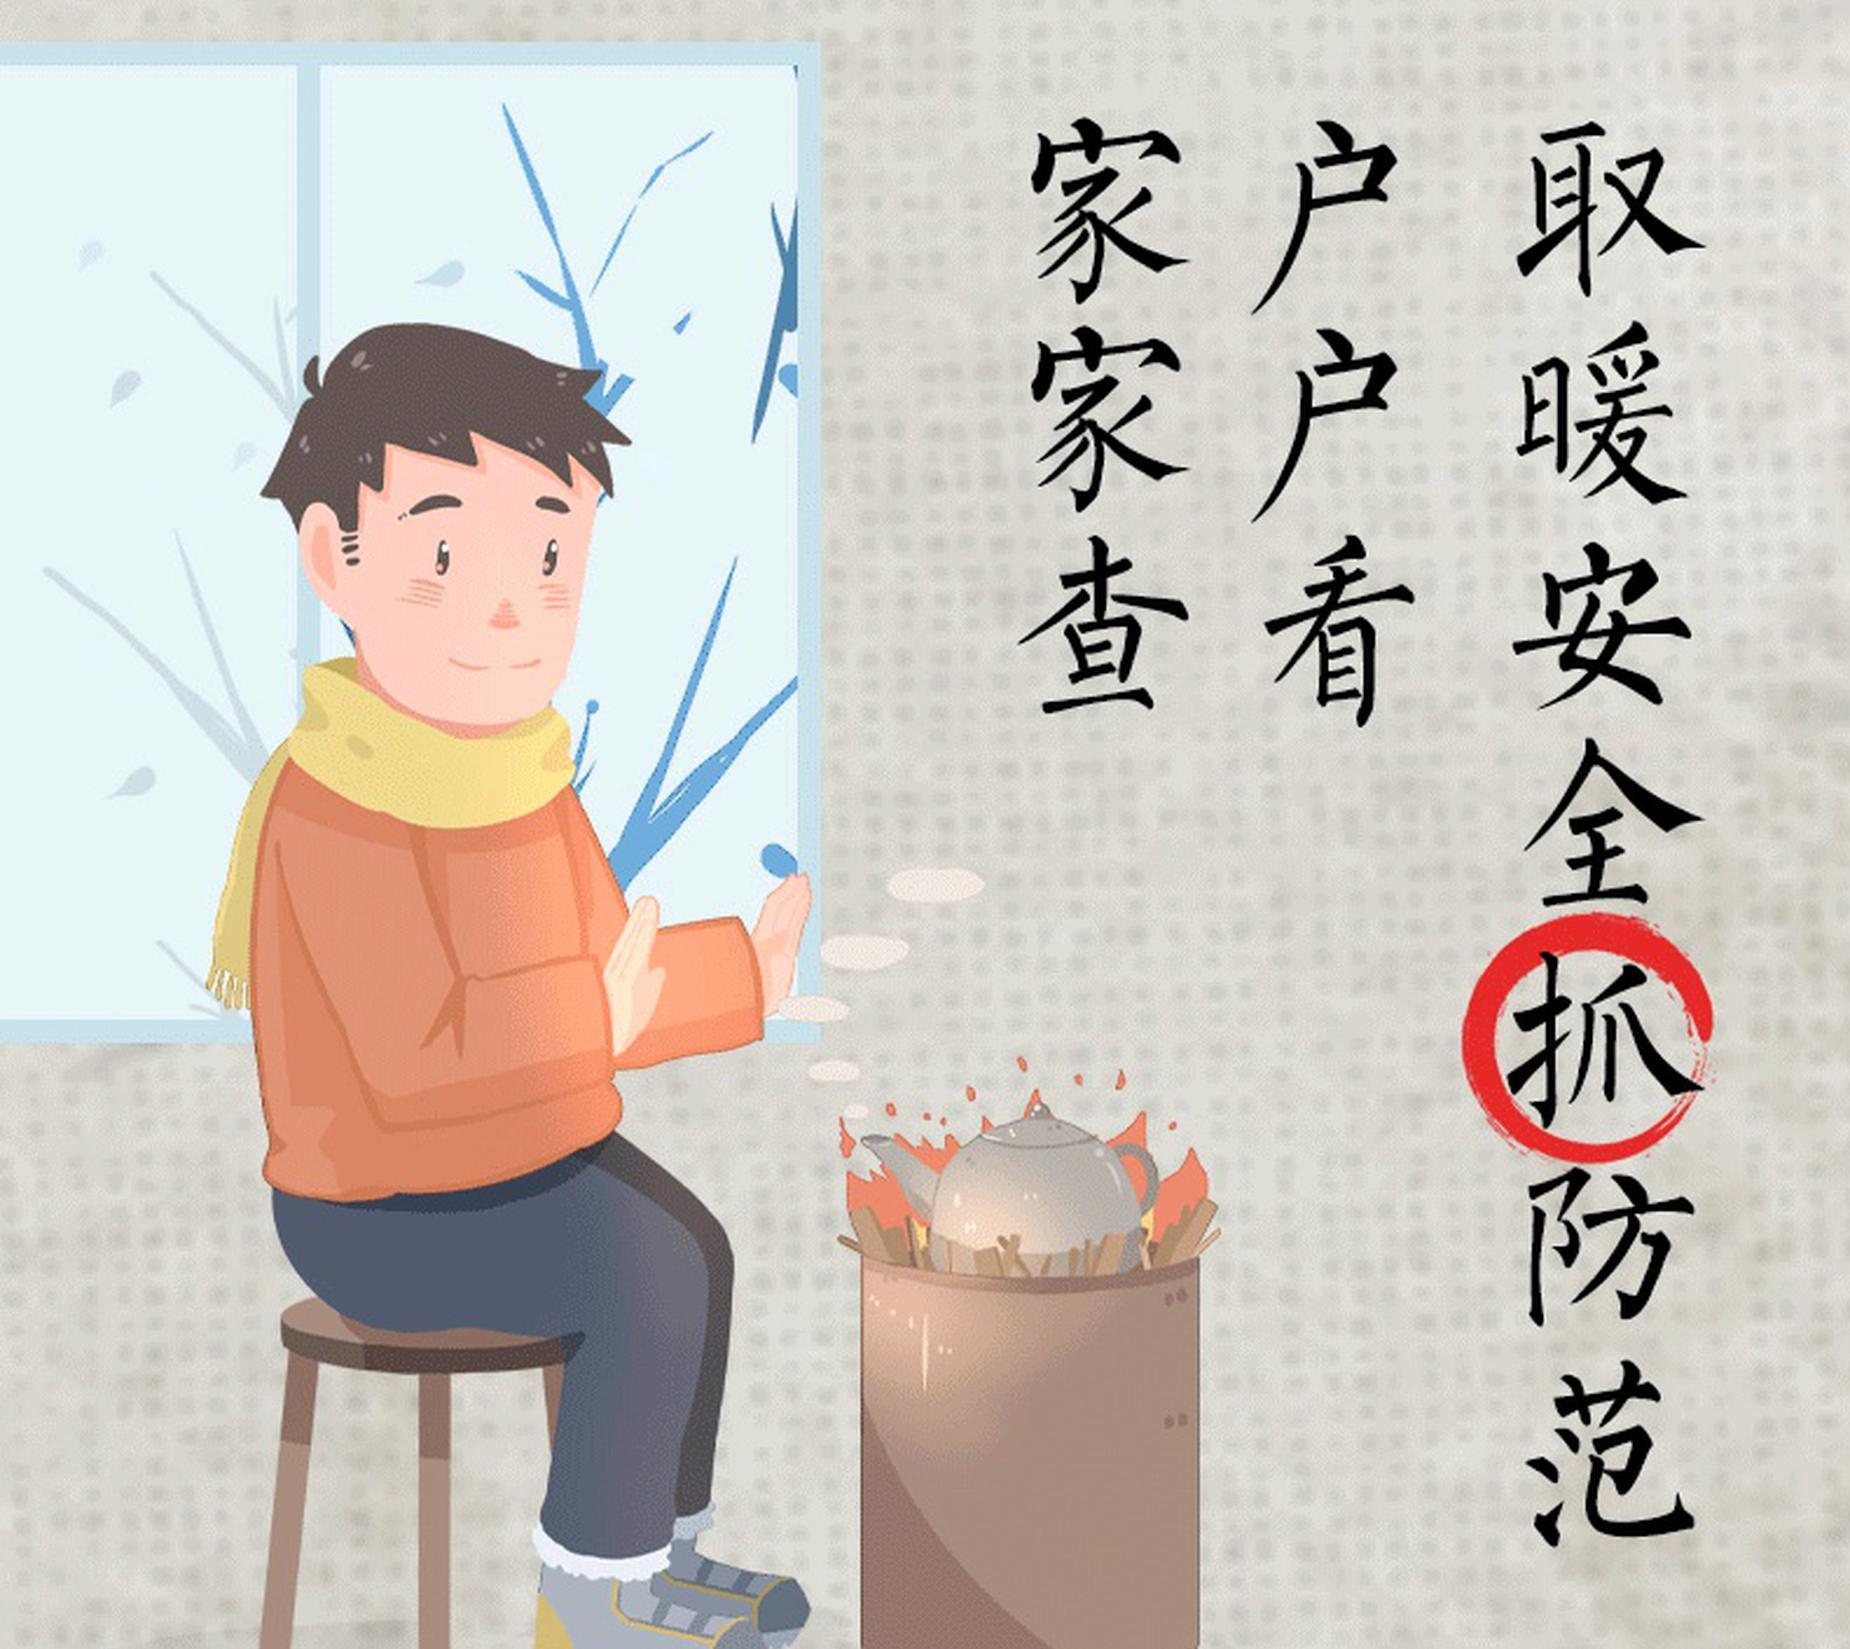 湖南开展预防一氧化碳中毒集中宣传 让群众安然过冬